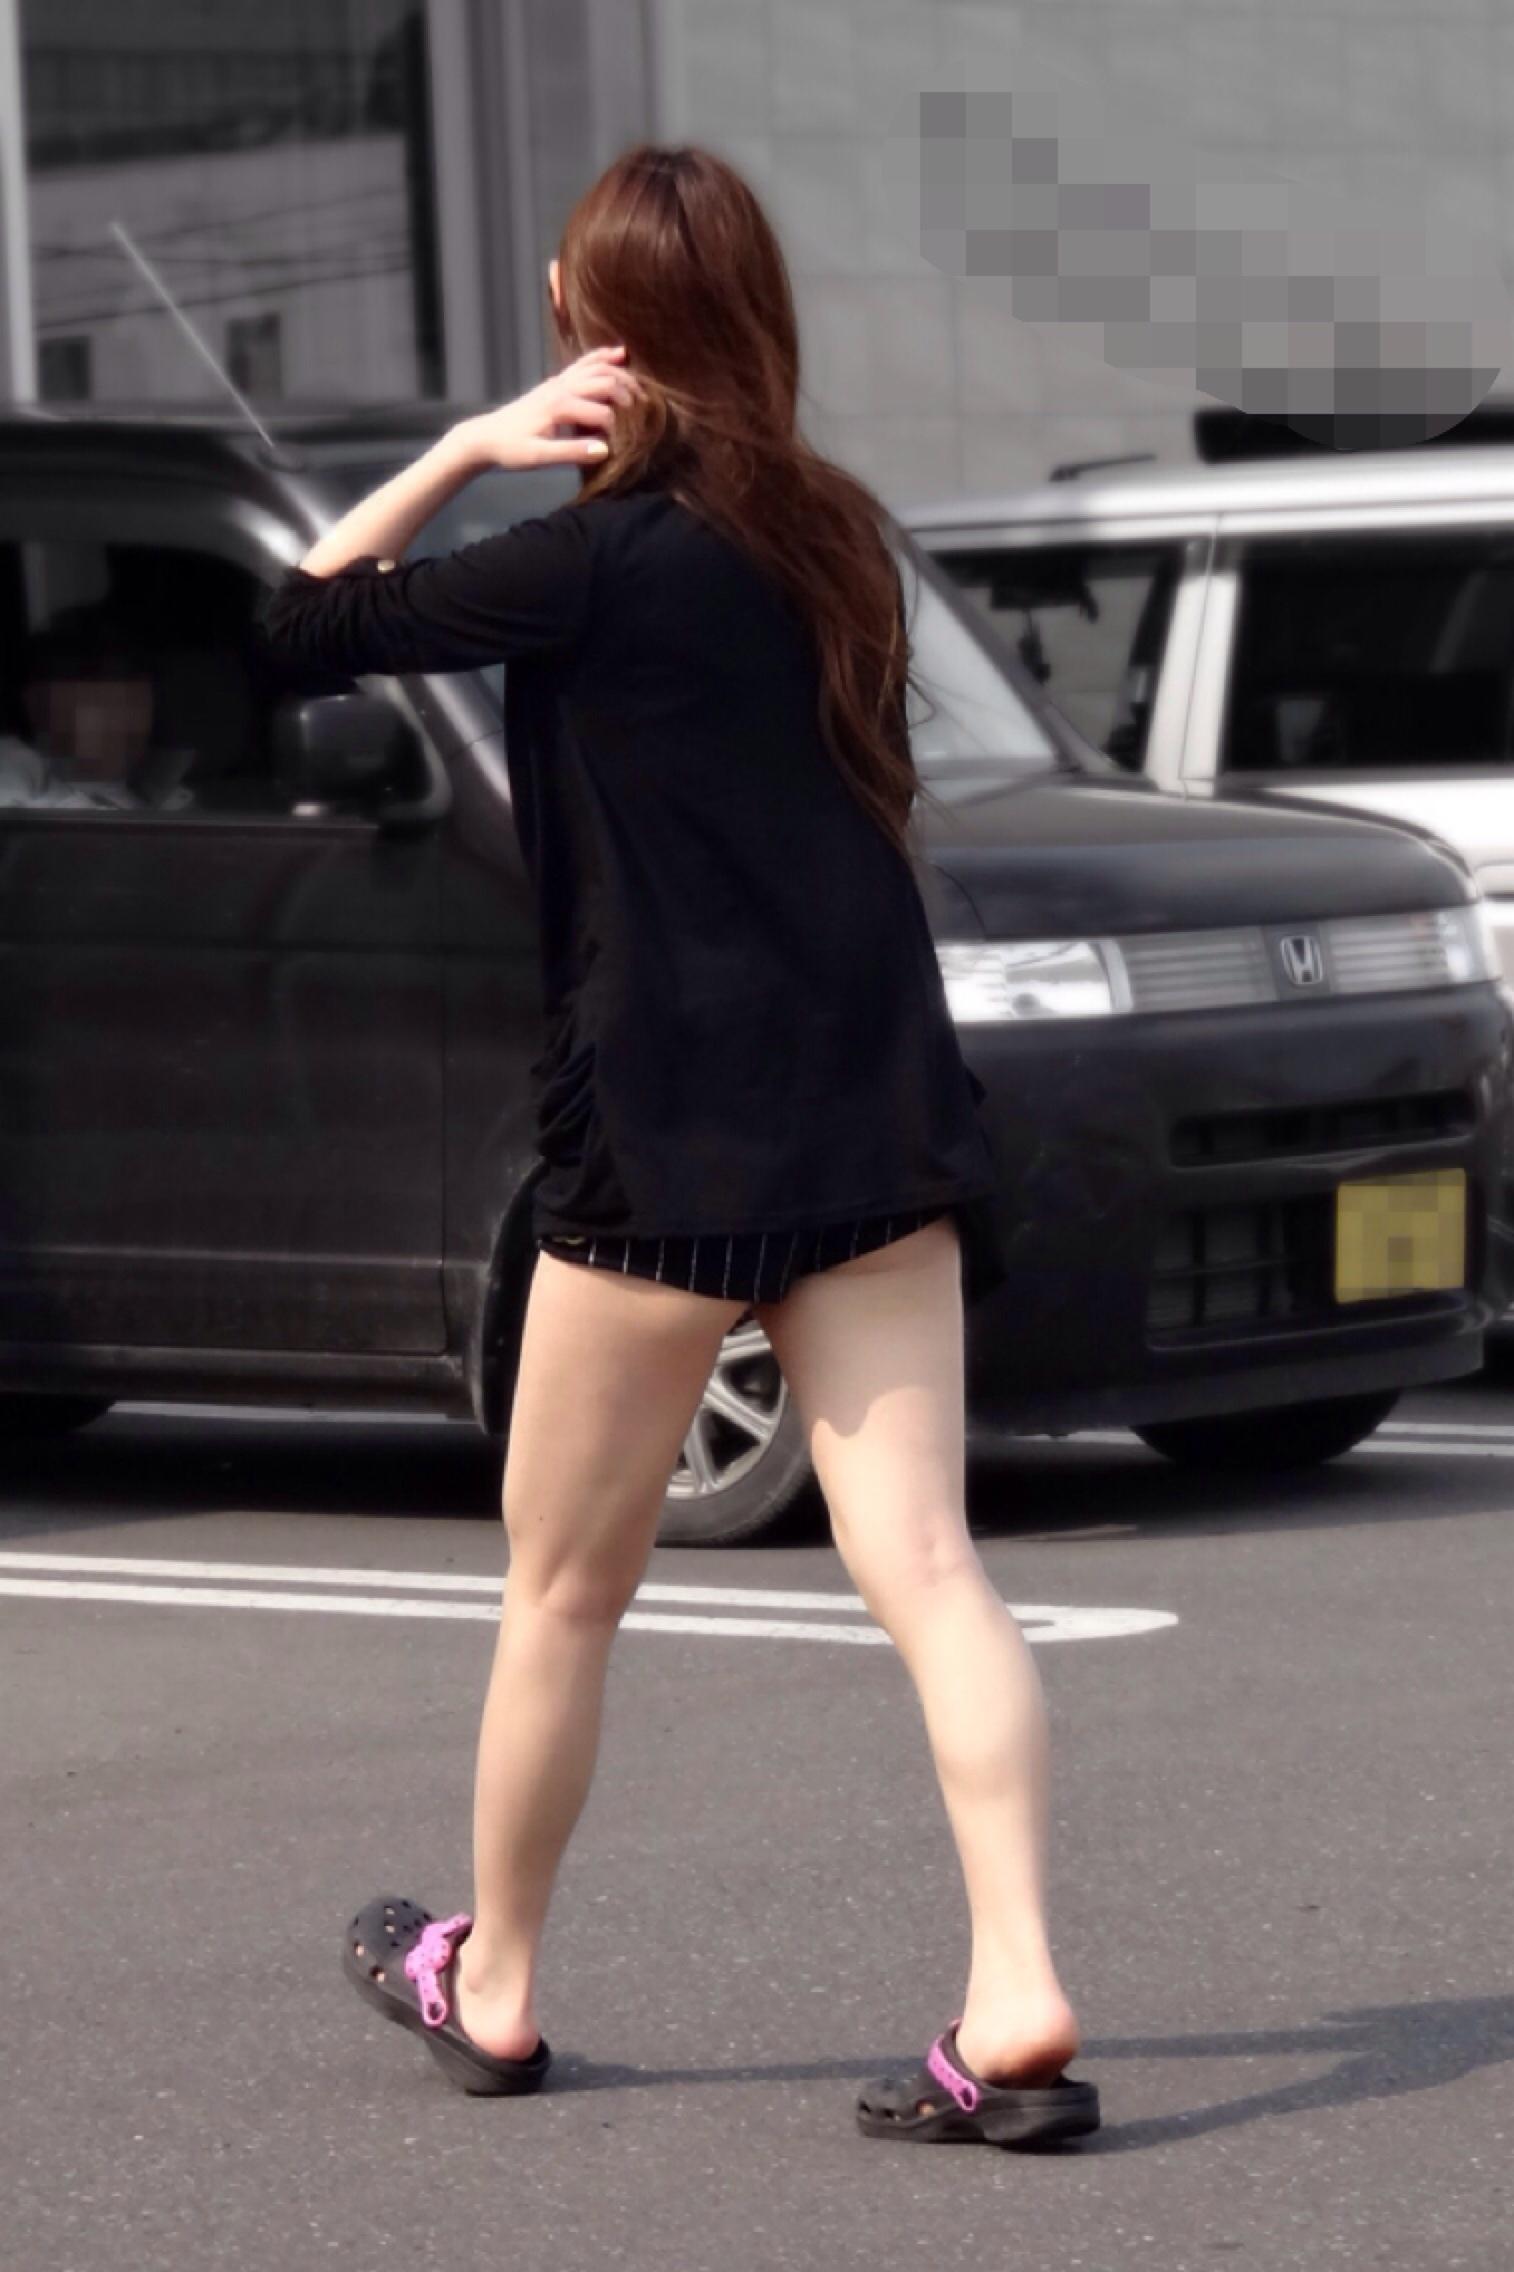 【尻チラエロ画像】裾から隠しきれない肉がwホットパンツ女子のワガママなハミ尻www 07